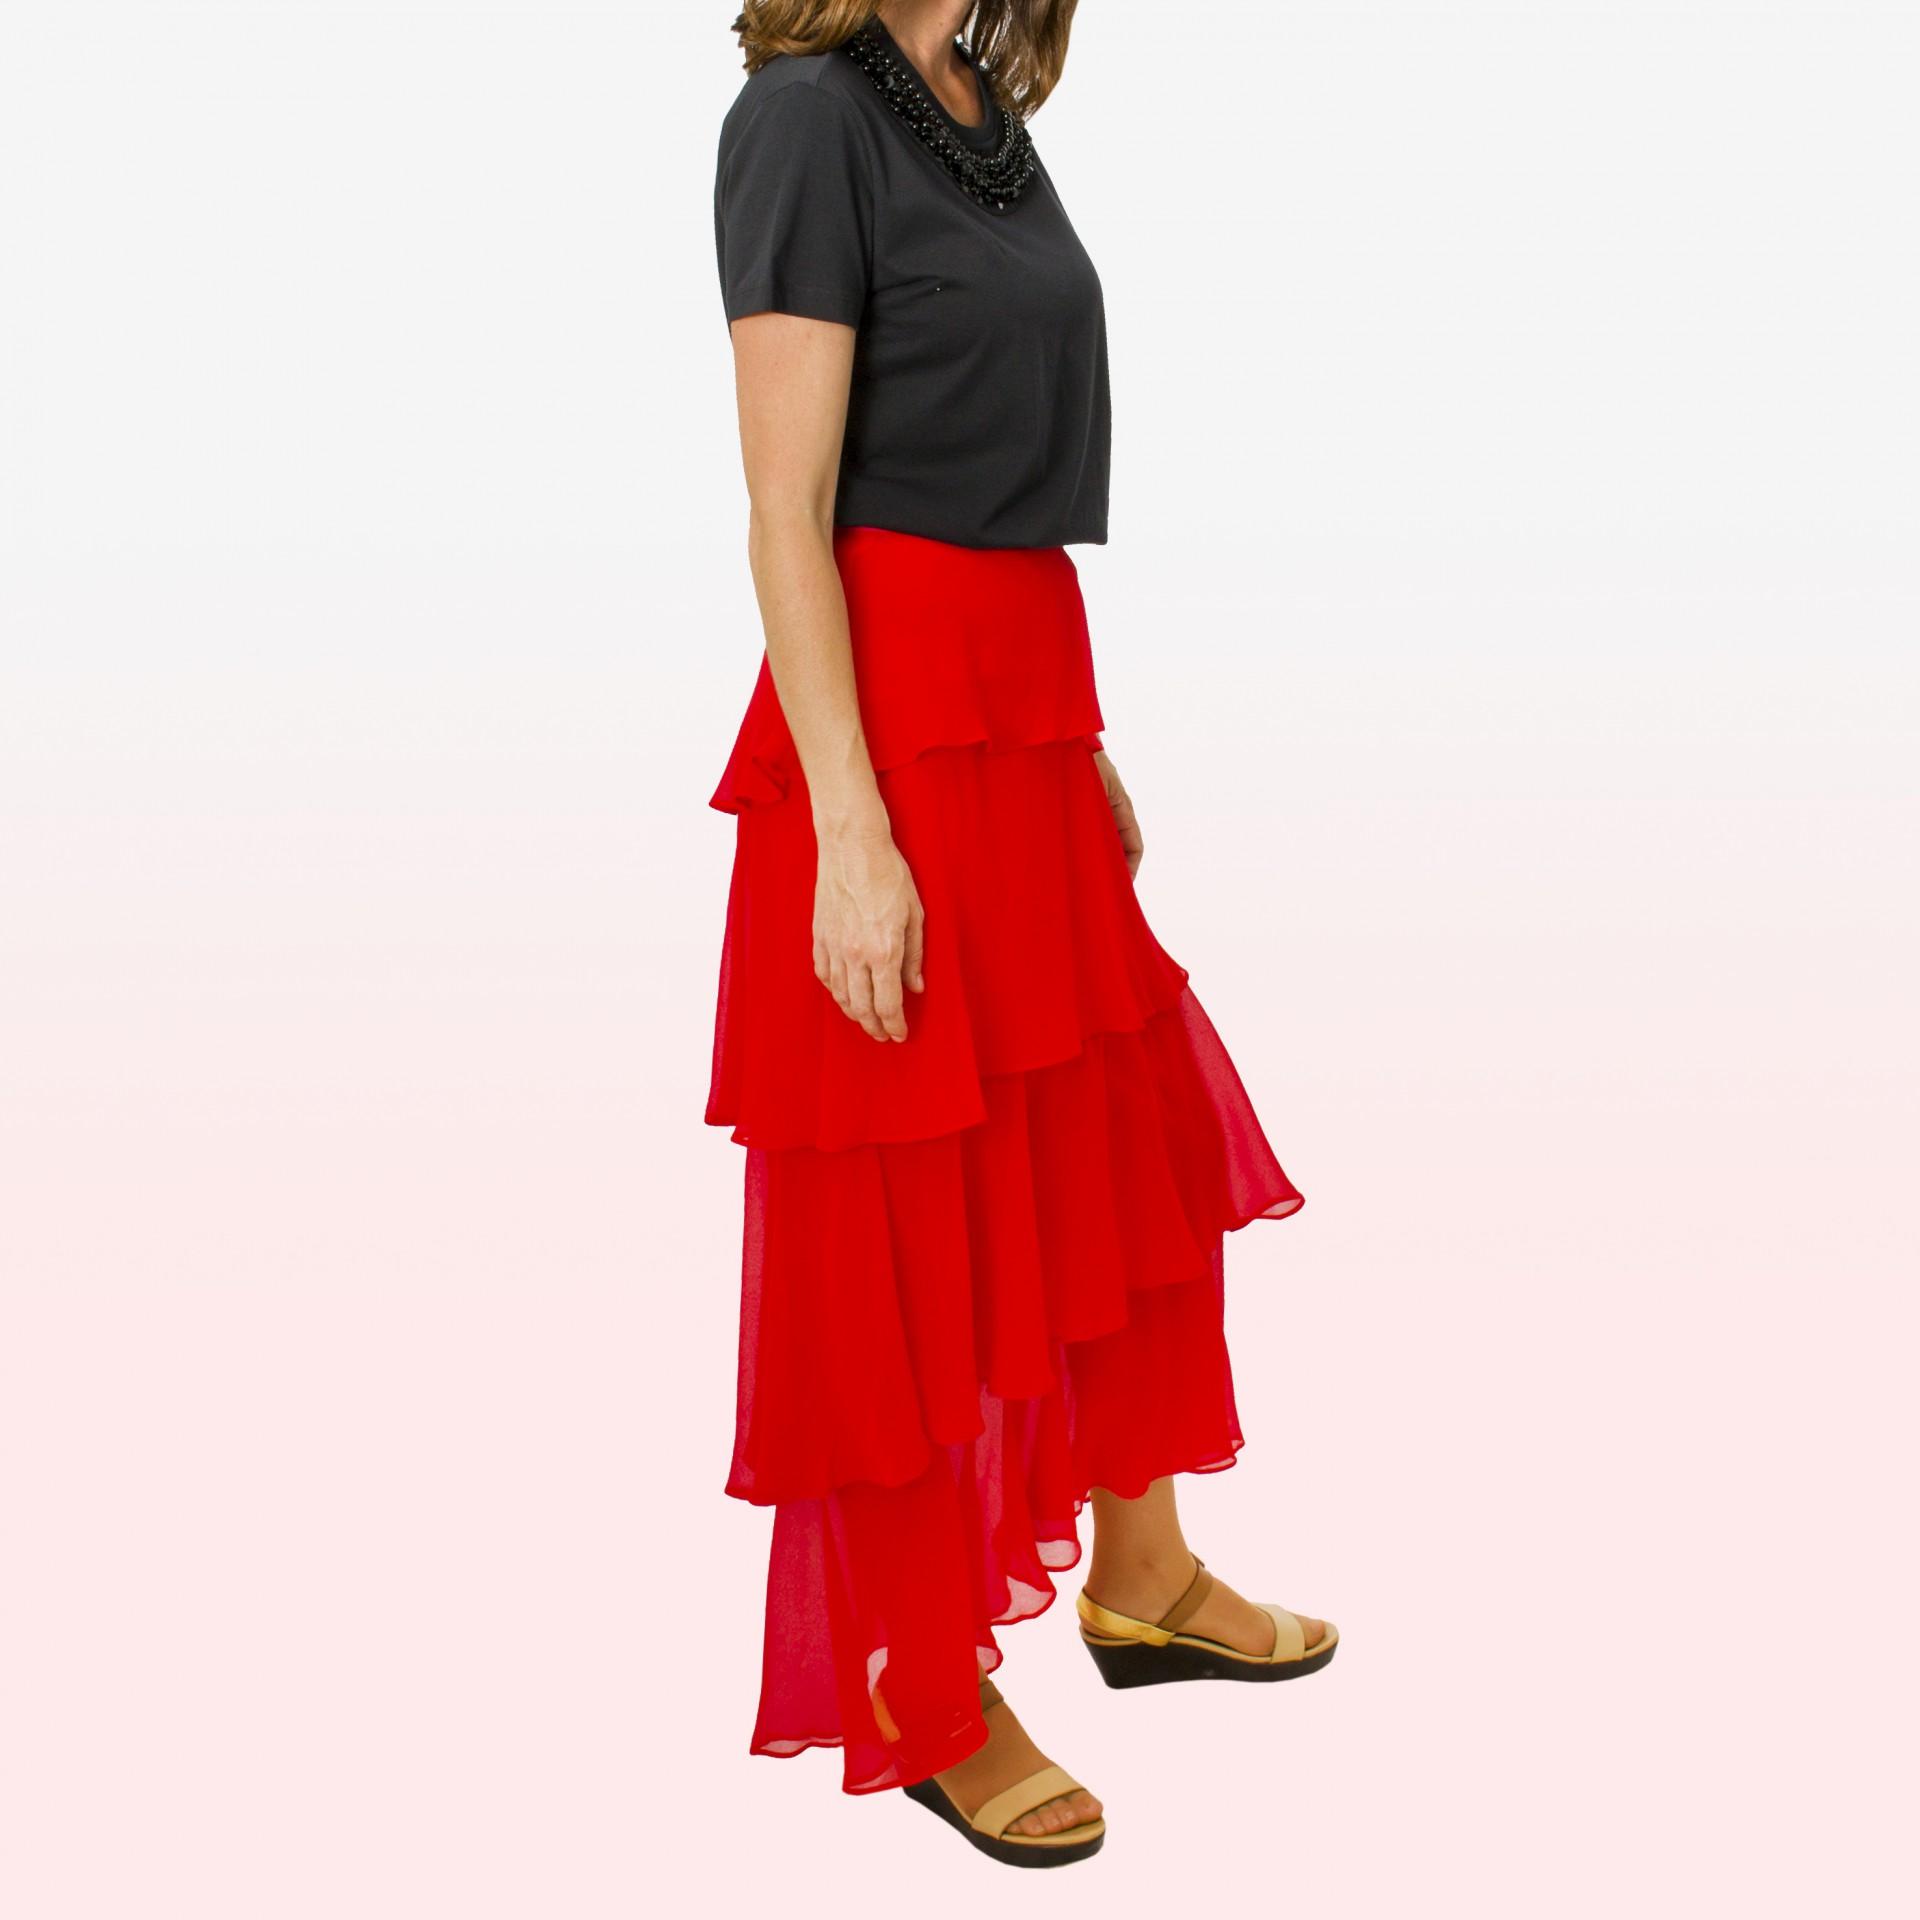 Falda larga volantes rojo  Falda larga volantes rojo ... ea9f1677360d